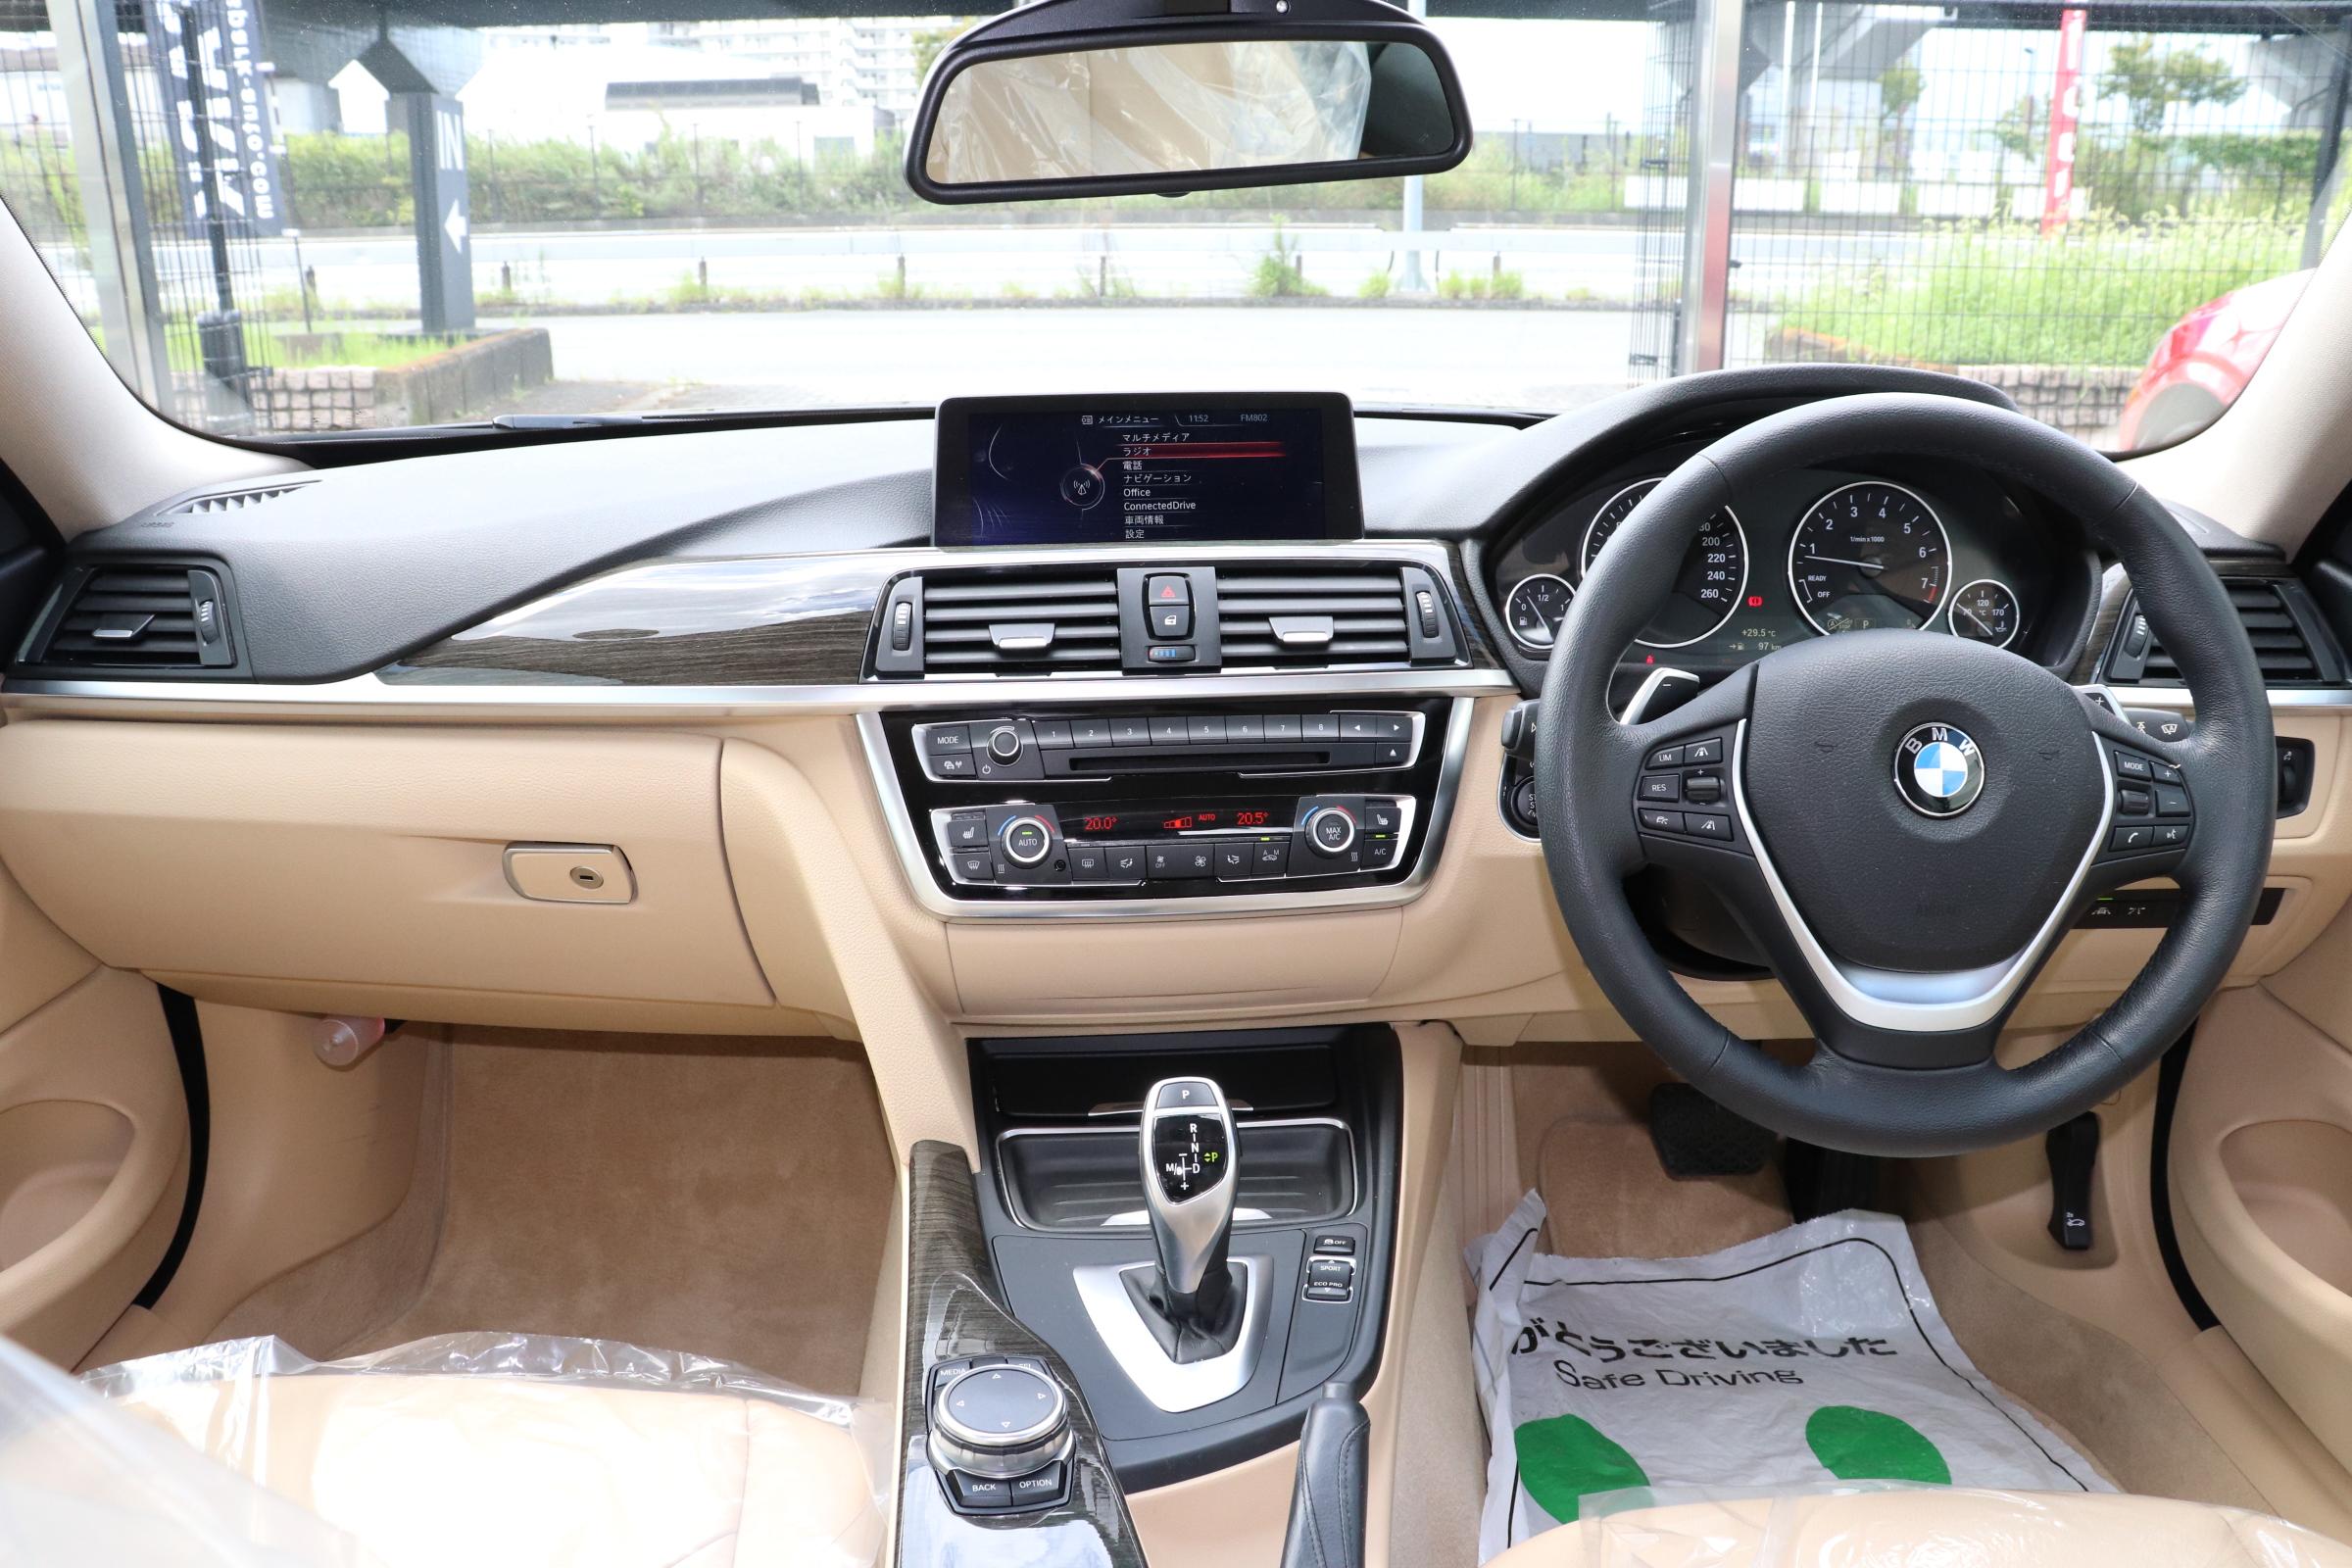 420iクーペラグジュアリーBEAMコンプリートカー LEDヘッドライト 淡革 ACC車両画像10